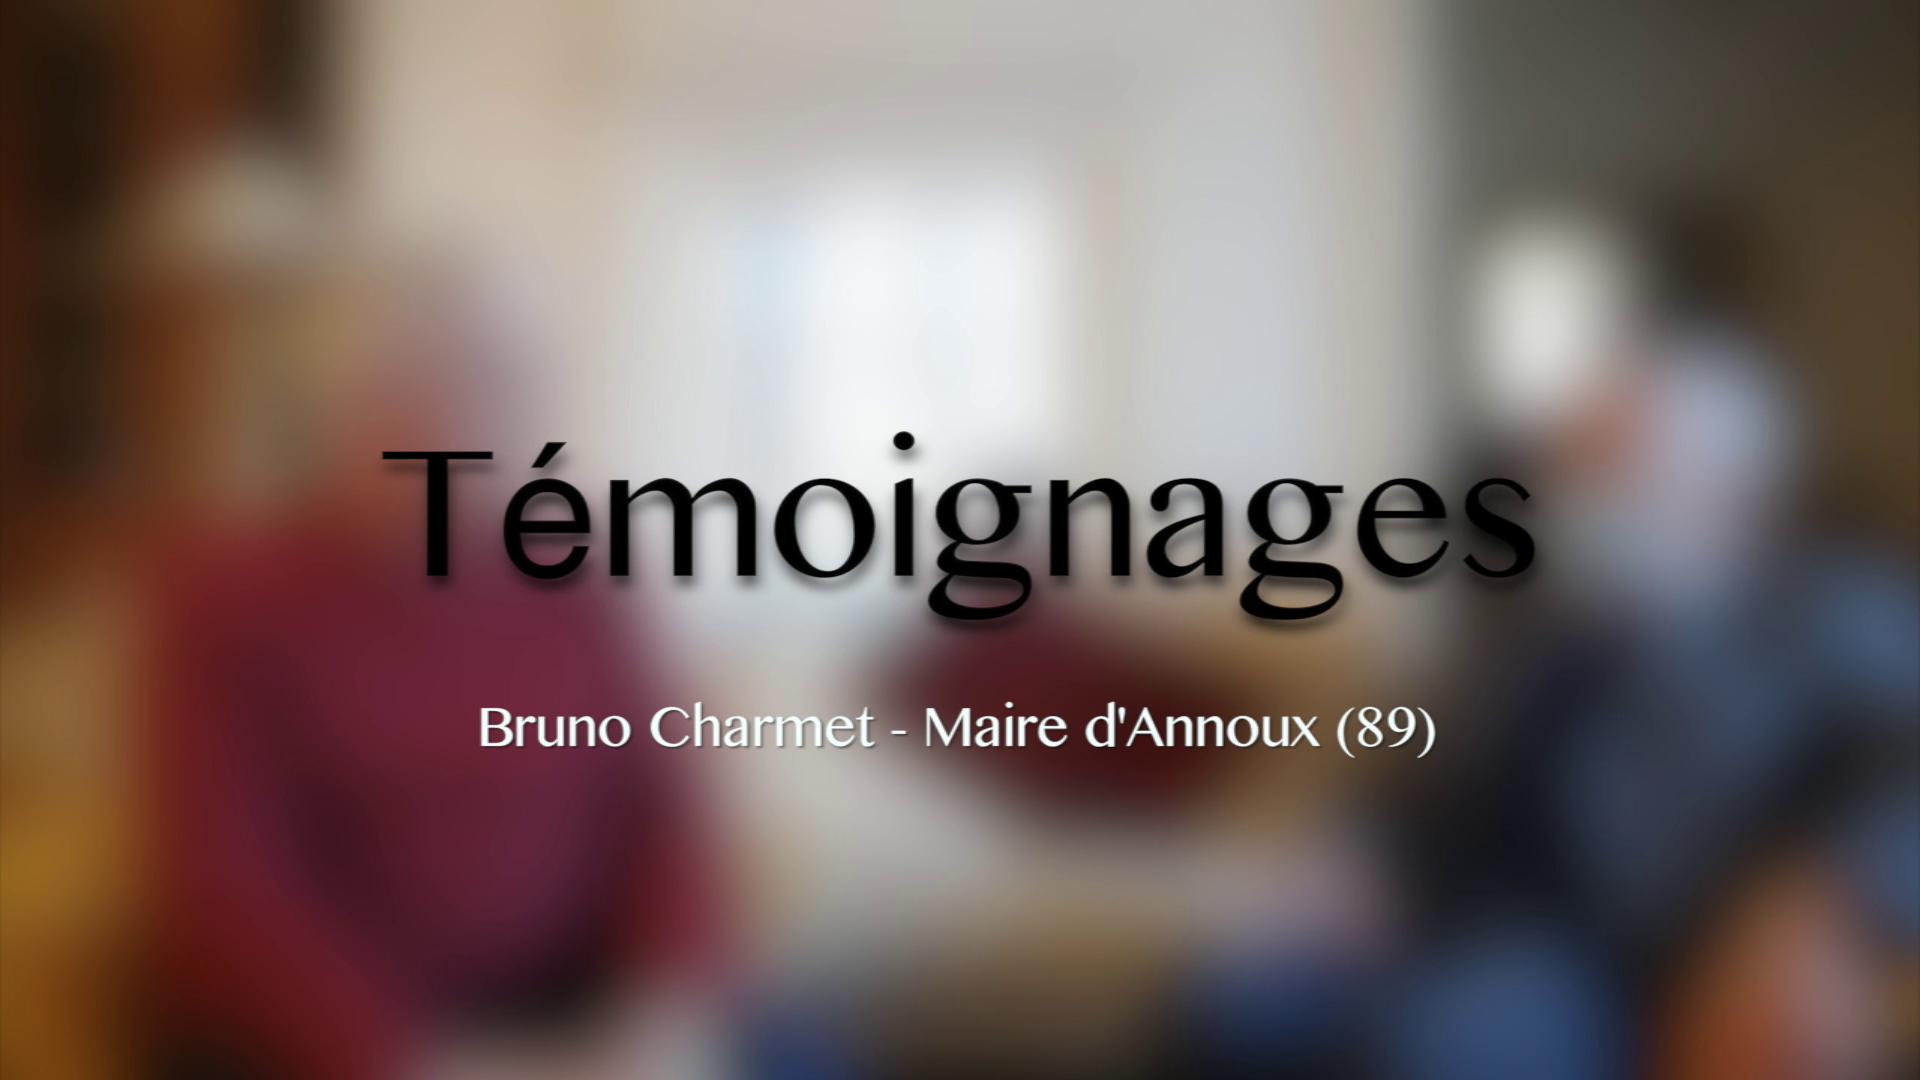 Eoliennes - Témoignage 4/4 - Bruno Charmet - Maire d'Annoux